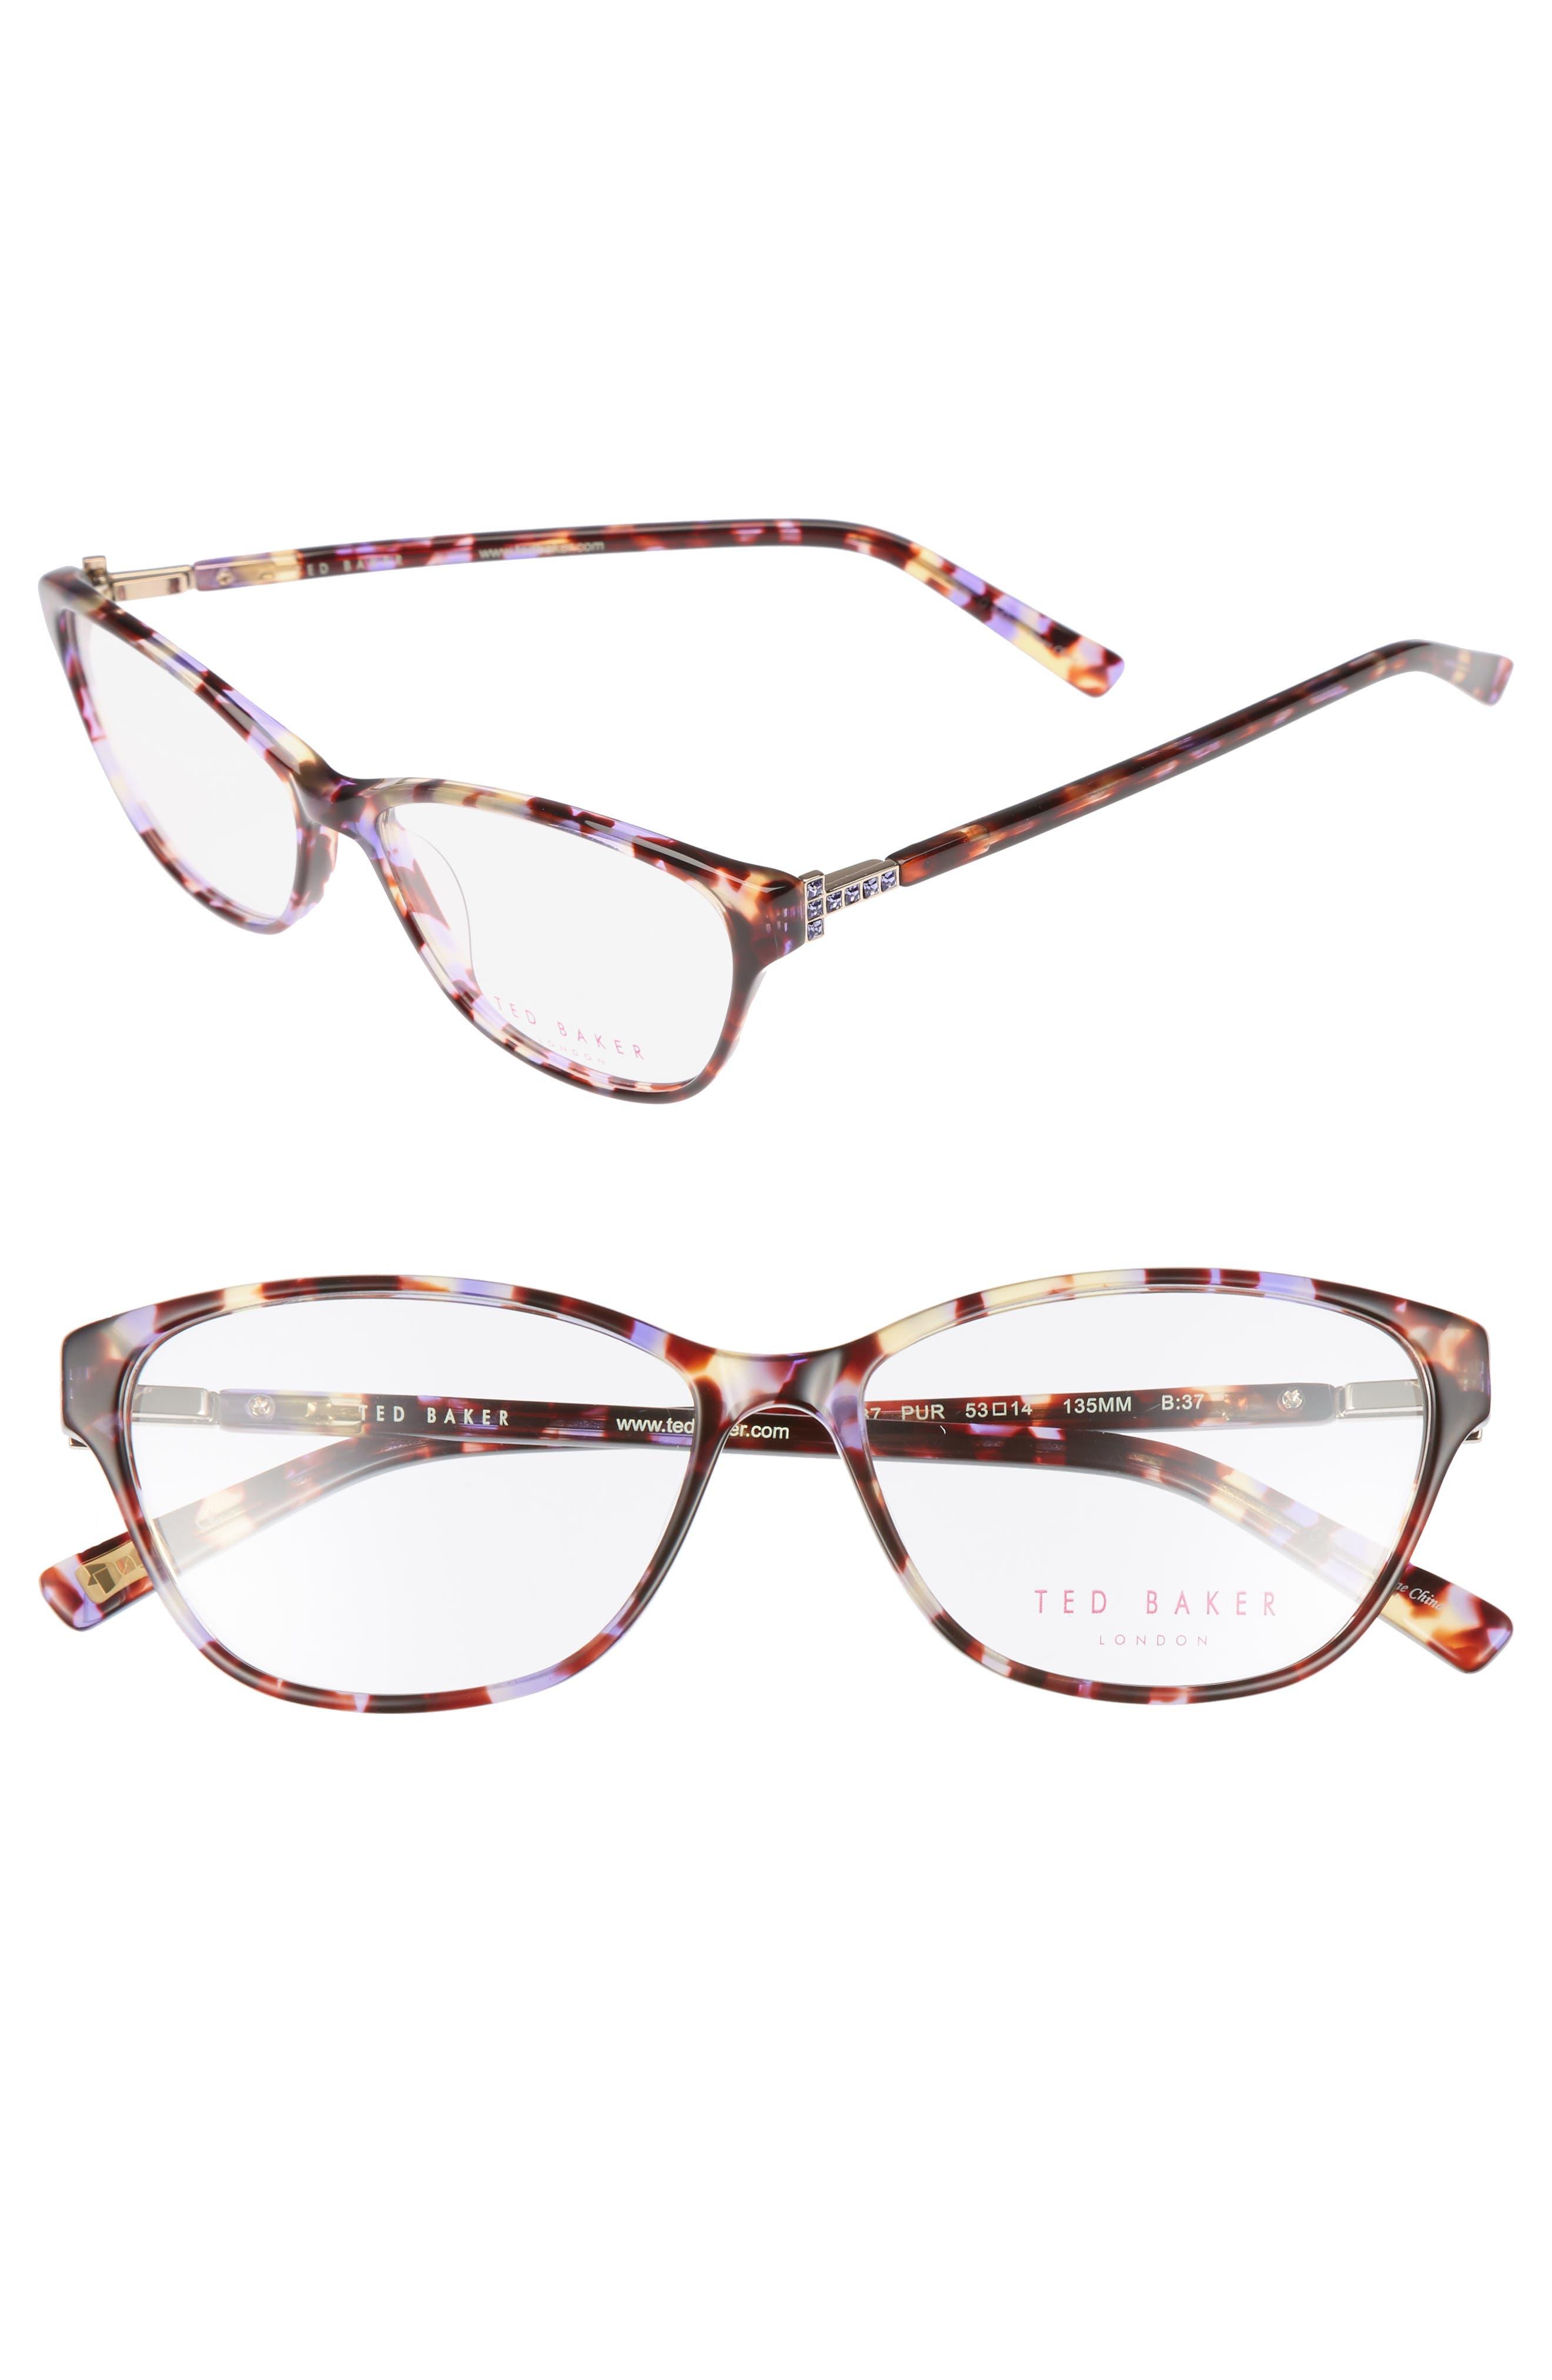 Main Image - Ted Baker London 53mm Optical Cat Eye Glasses